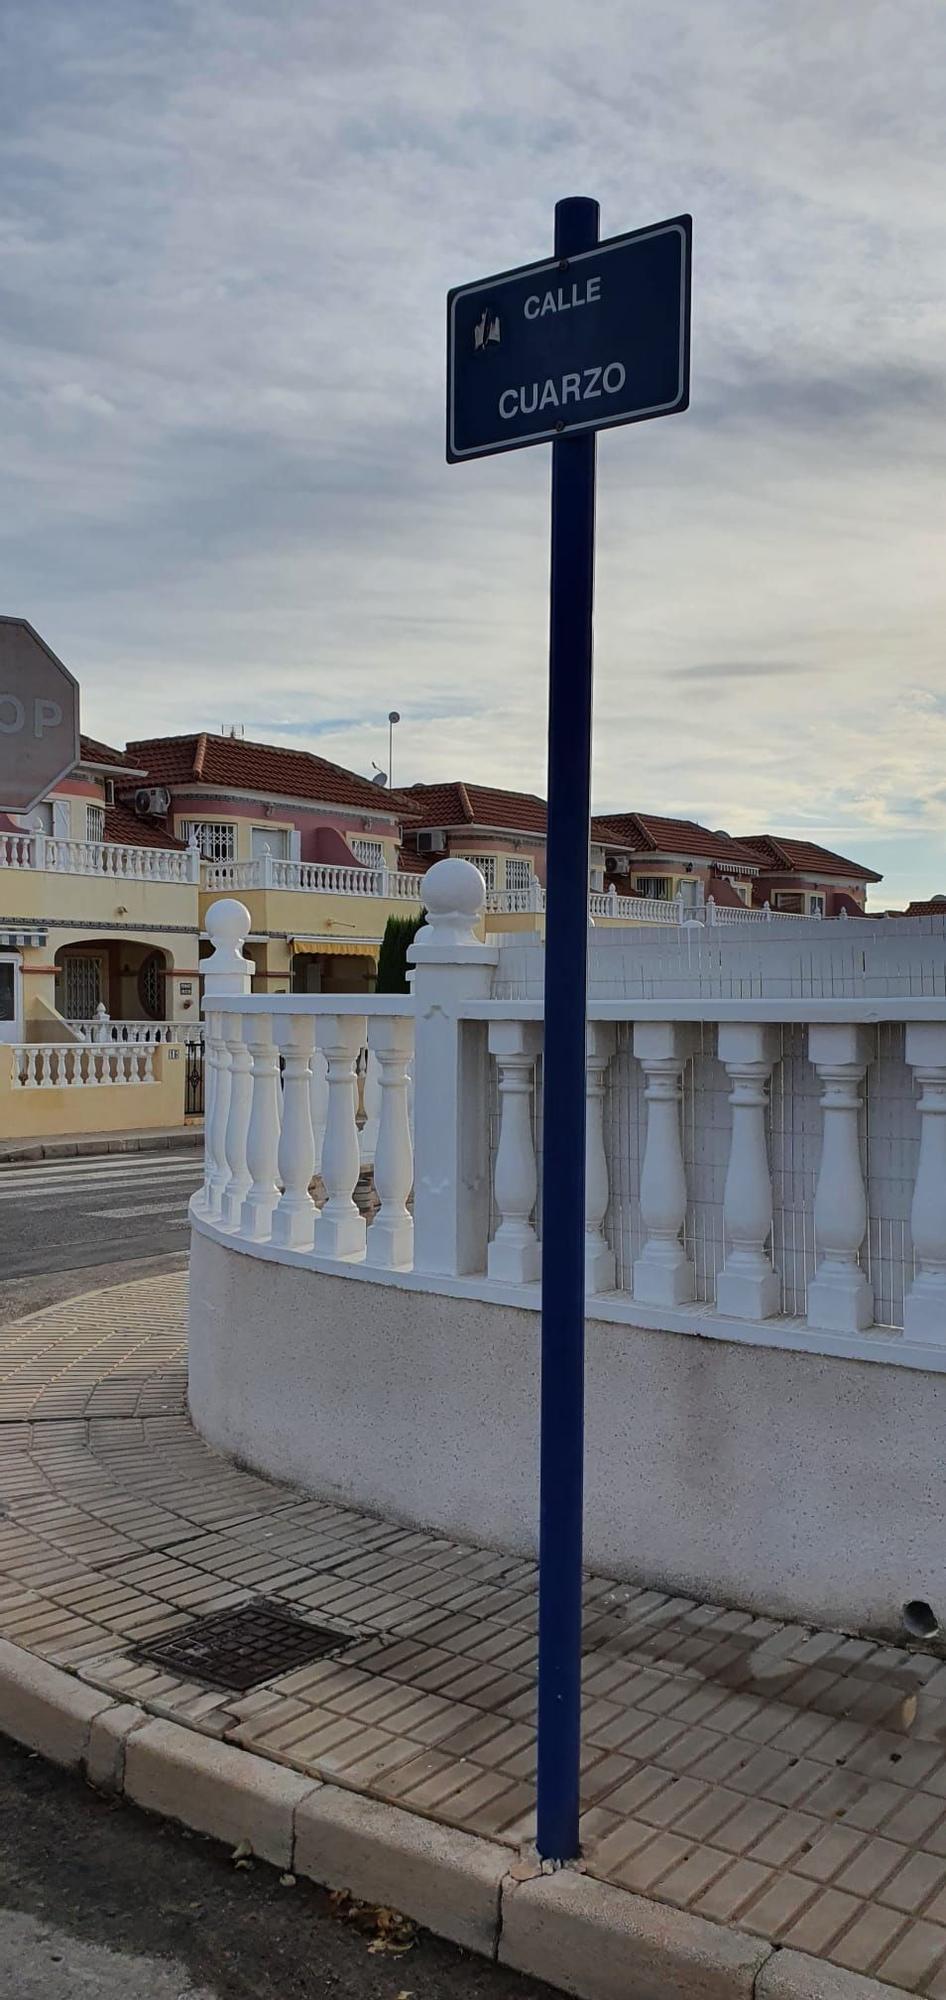 55 Villapiedra Poste calle Cuarzo.jpg